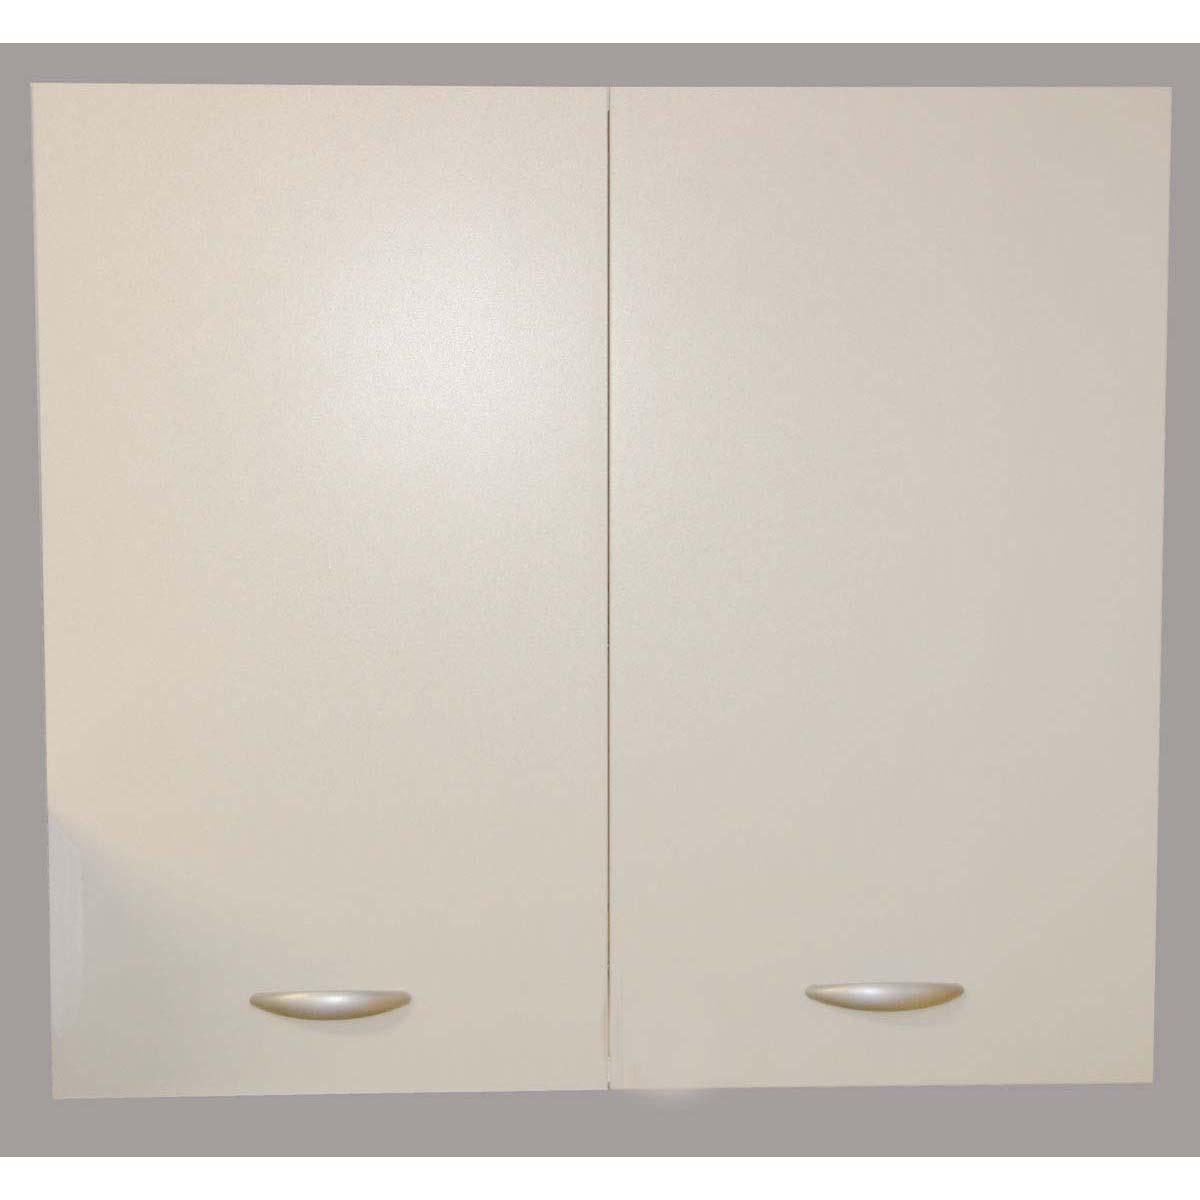 Pensile due ante per cucina componibile Easy color bianco e color noce